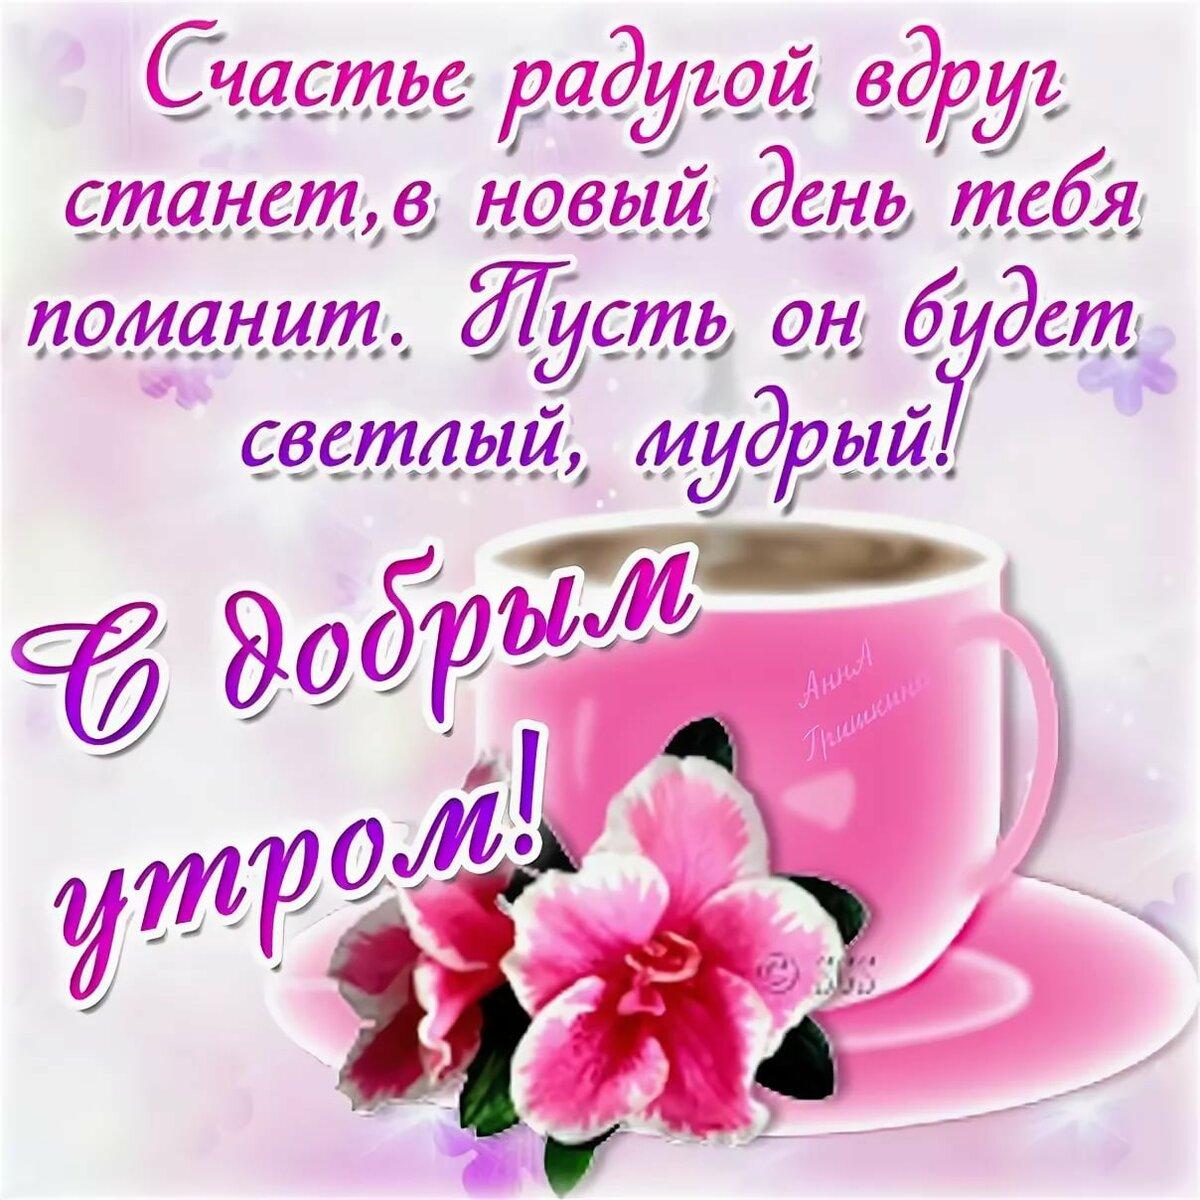 Днем культуры, доброе утро открытку со стихами красивую